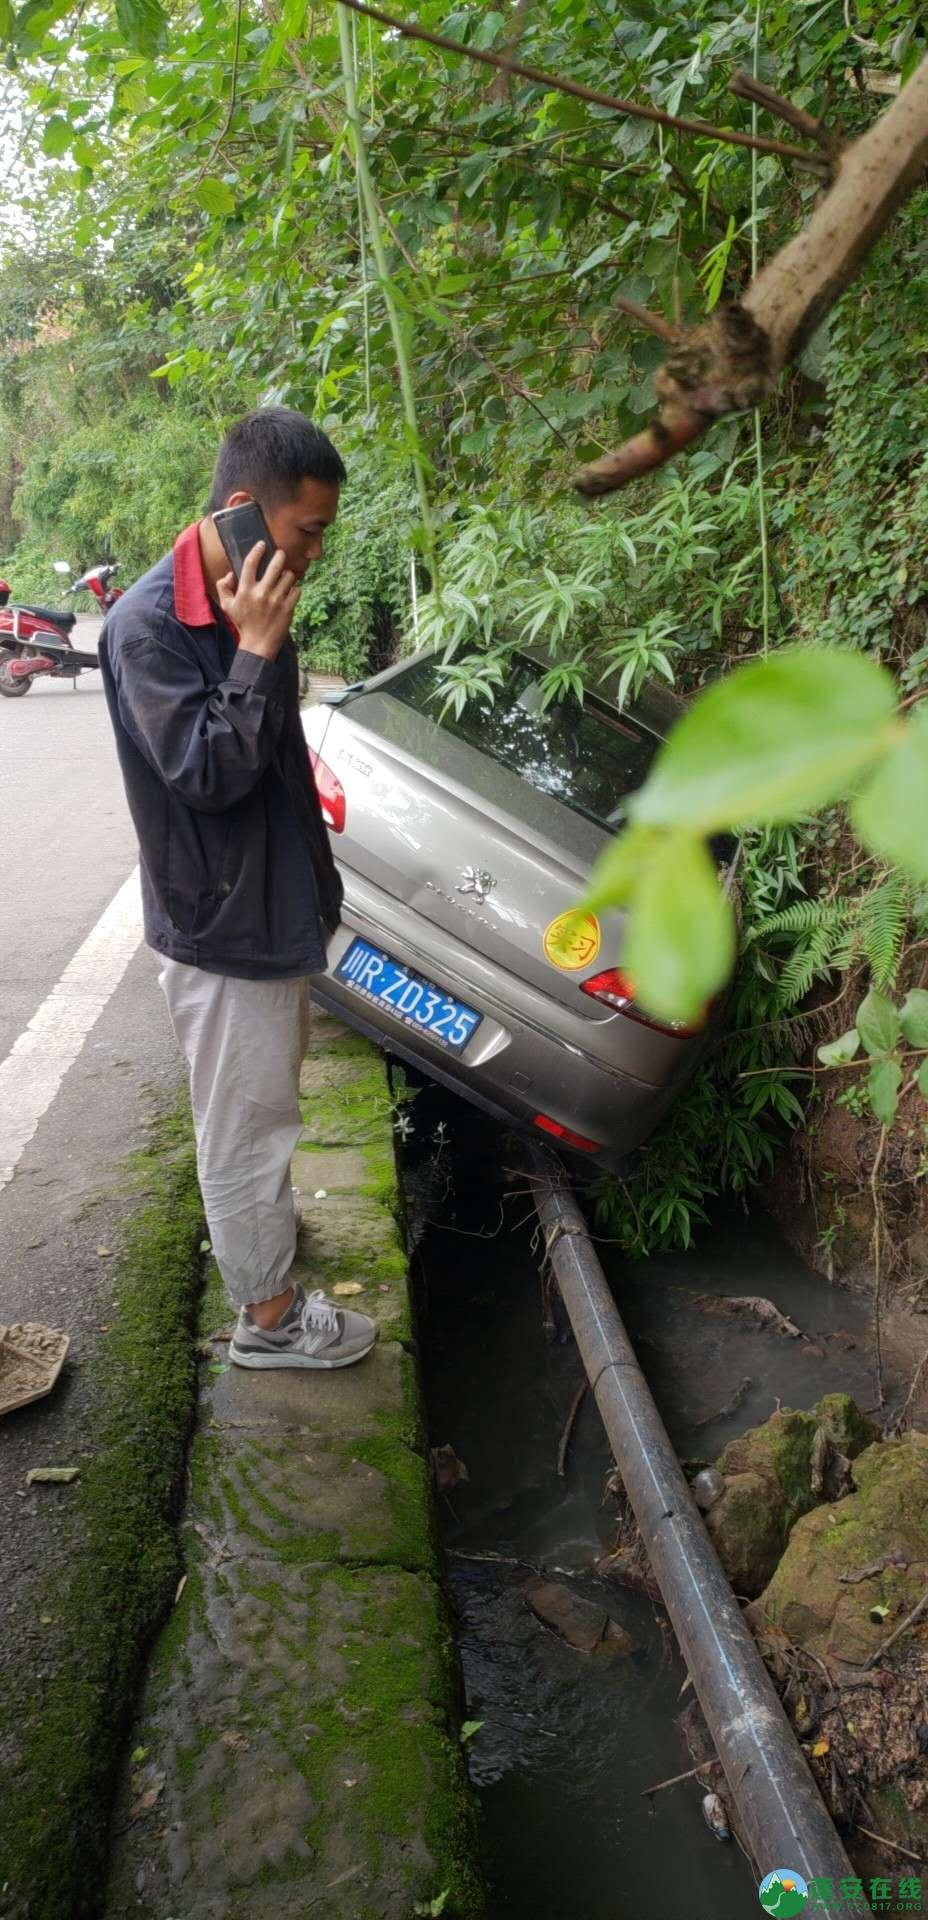 蓬安下码头冯家垭口一小车侧翻排水沟 - 第1张  | 蓬安在线